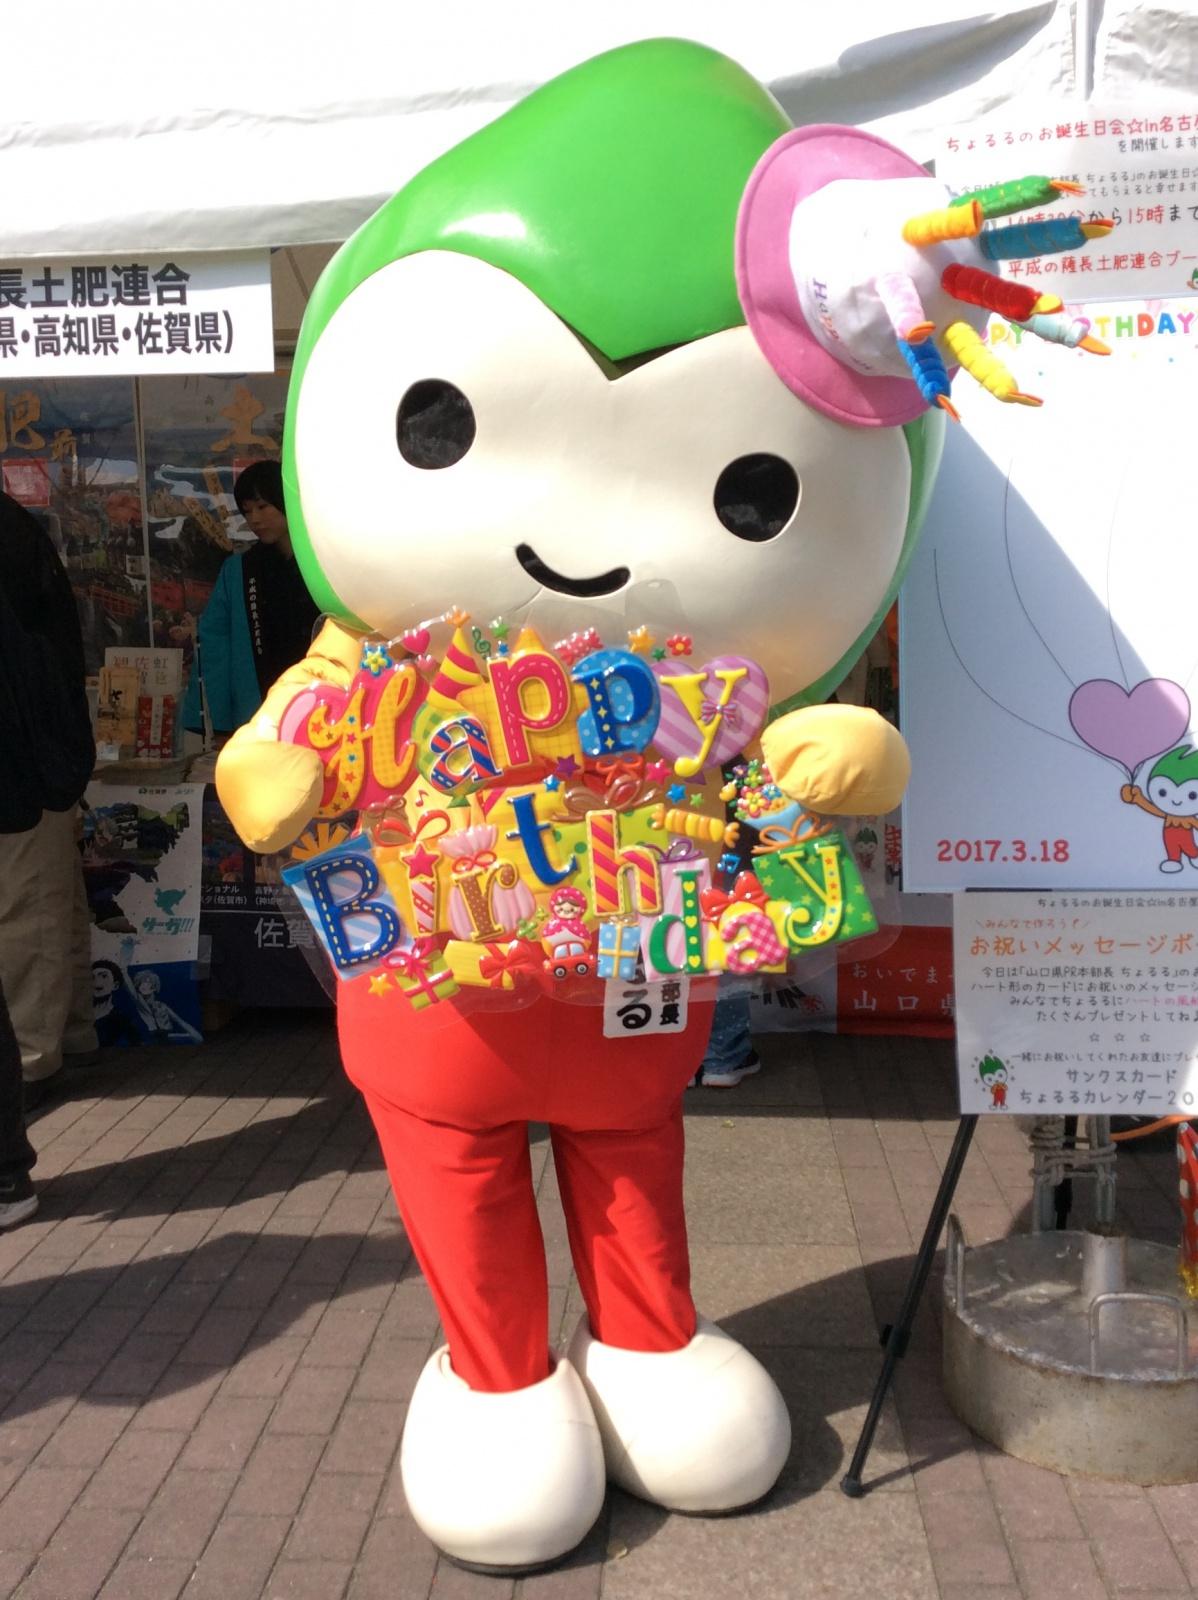 「旅まつり名古屋」でちょるるのお誕生日をお祝いしてもらったよ☆彡